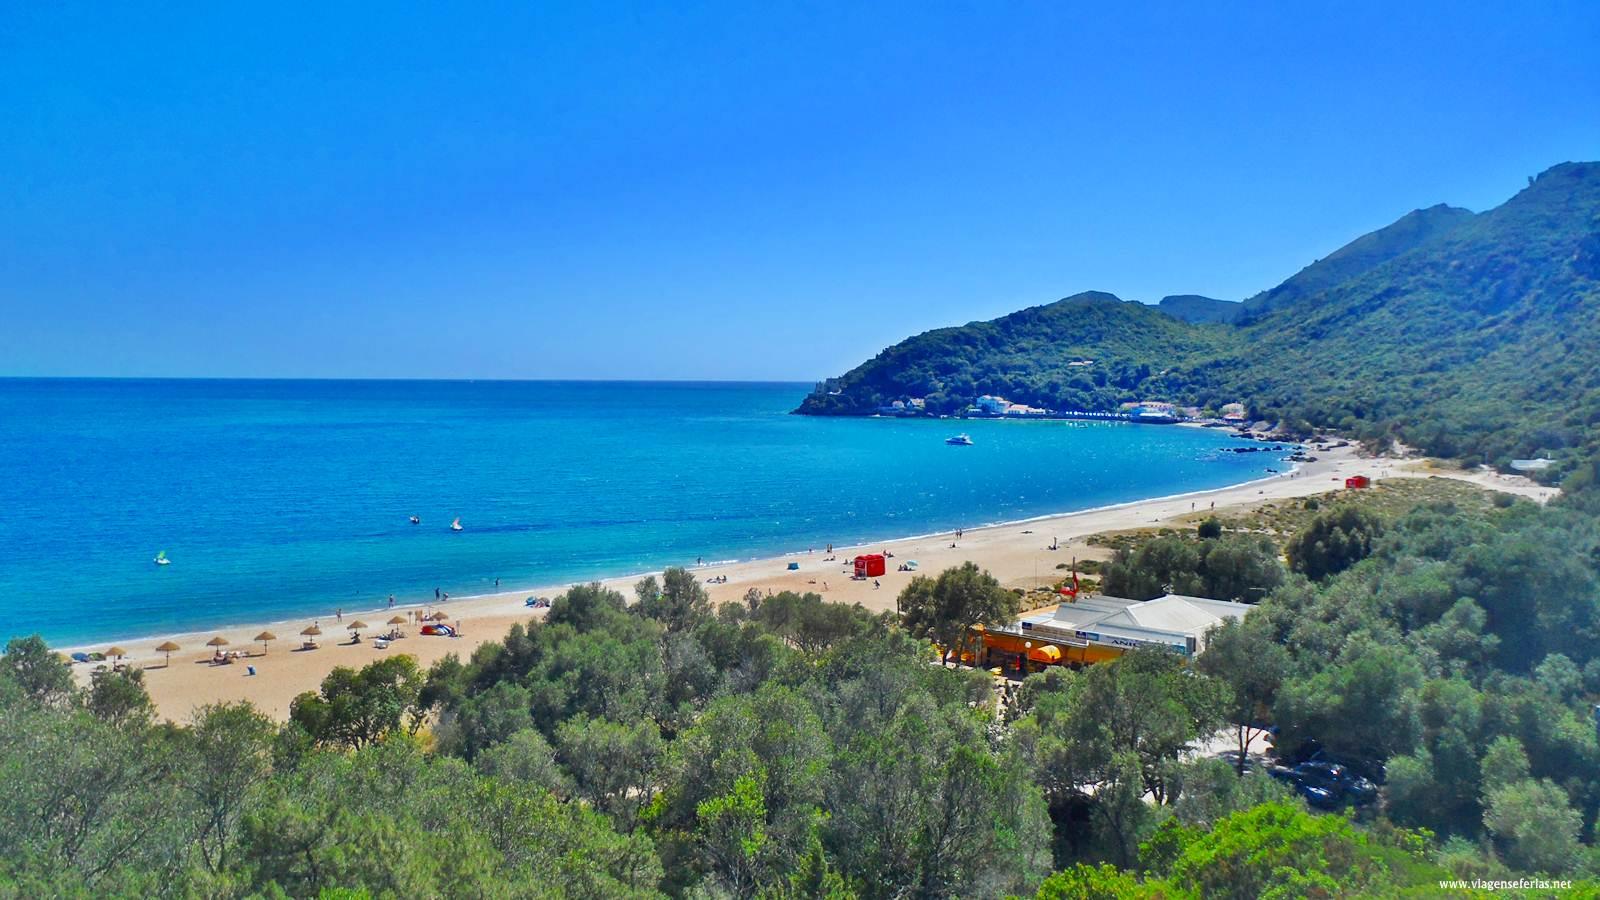 Vista panorâmica da Praia do Creiro até ao Portinho da Arrábida